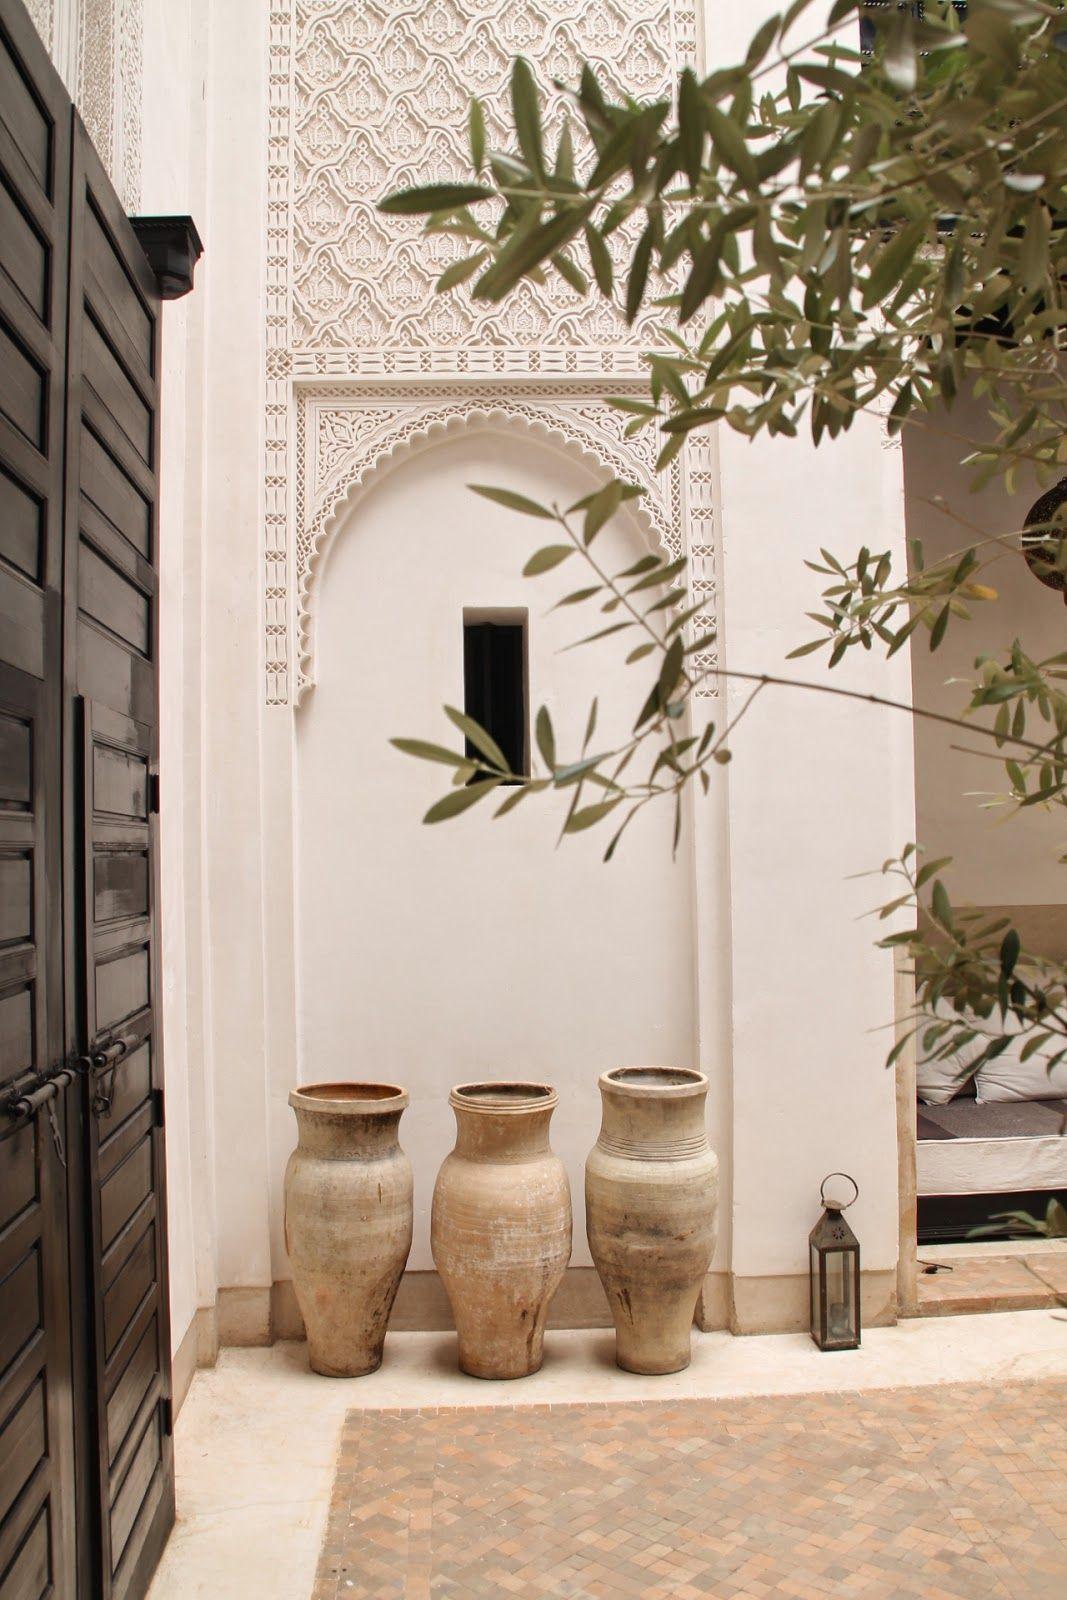 Dar am na calma y paz tras la puerta jardins i amagatalls pinterest decoraci n tnica - Casas marroquies ...